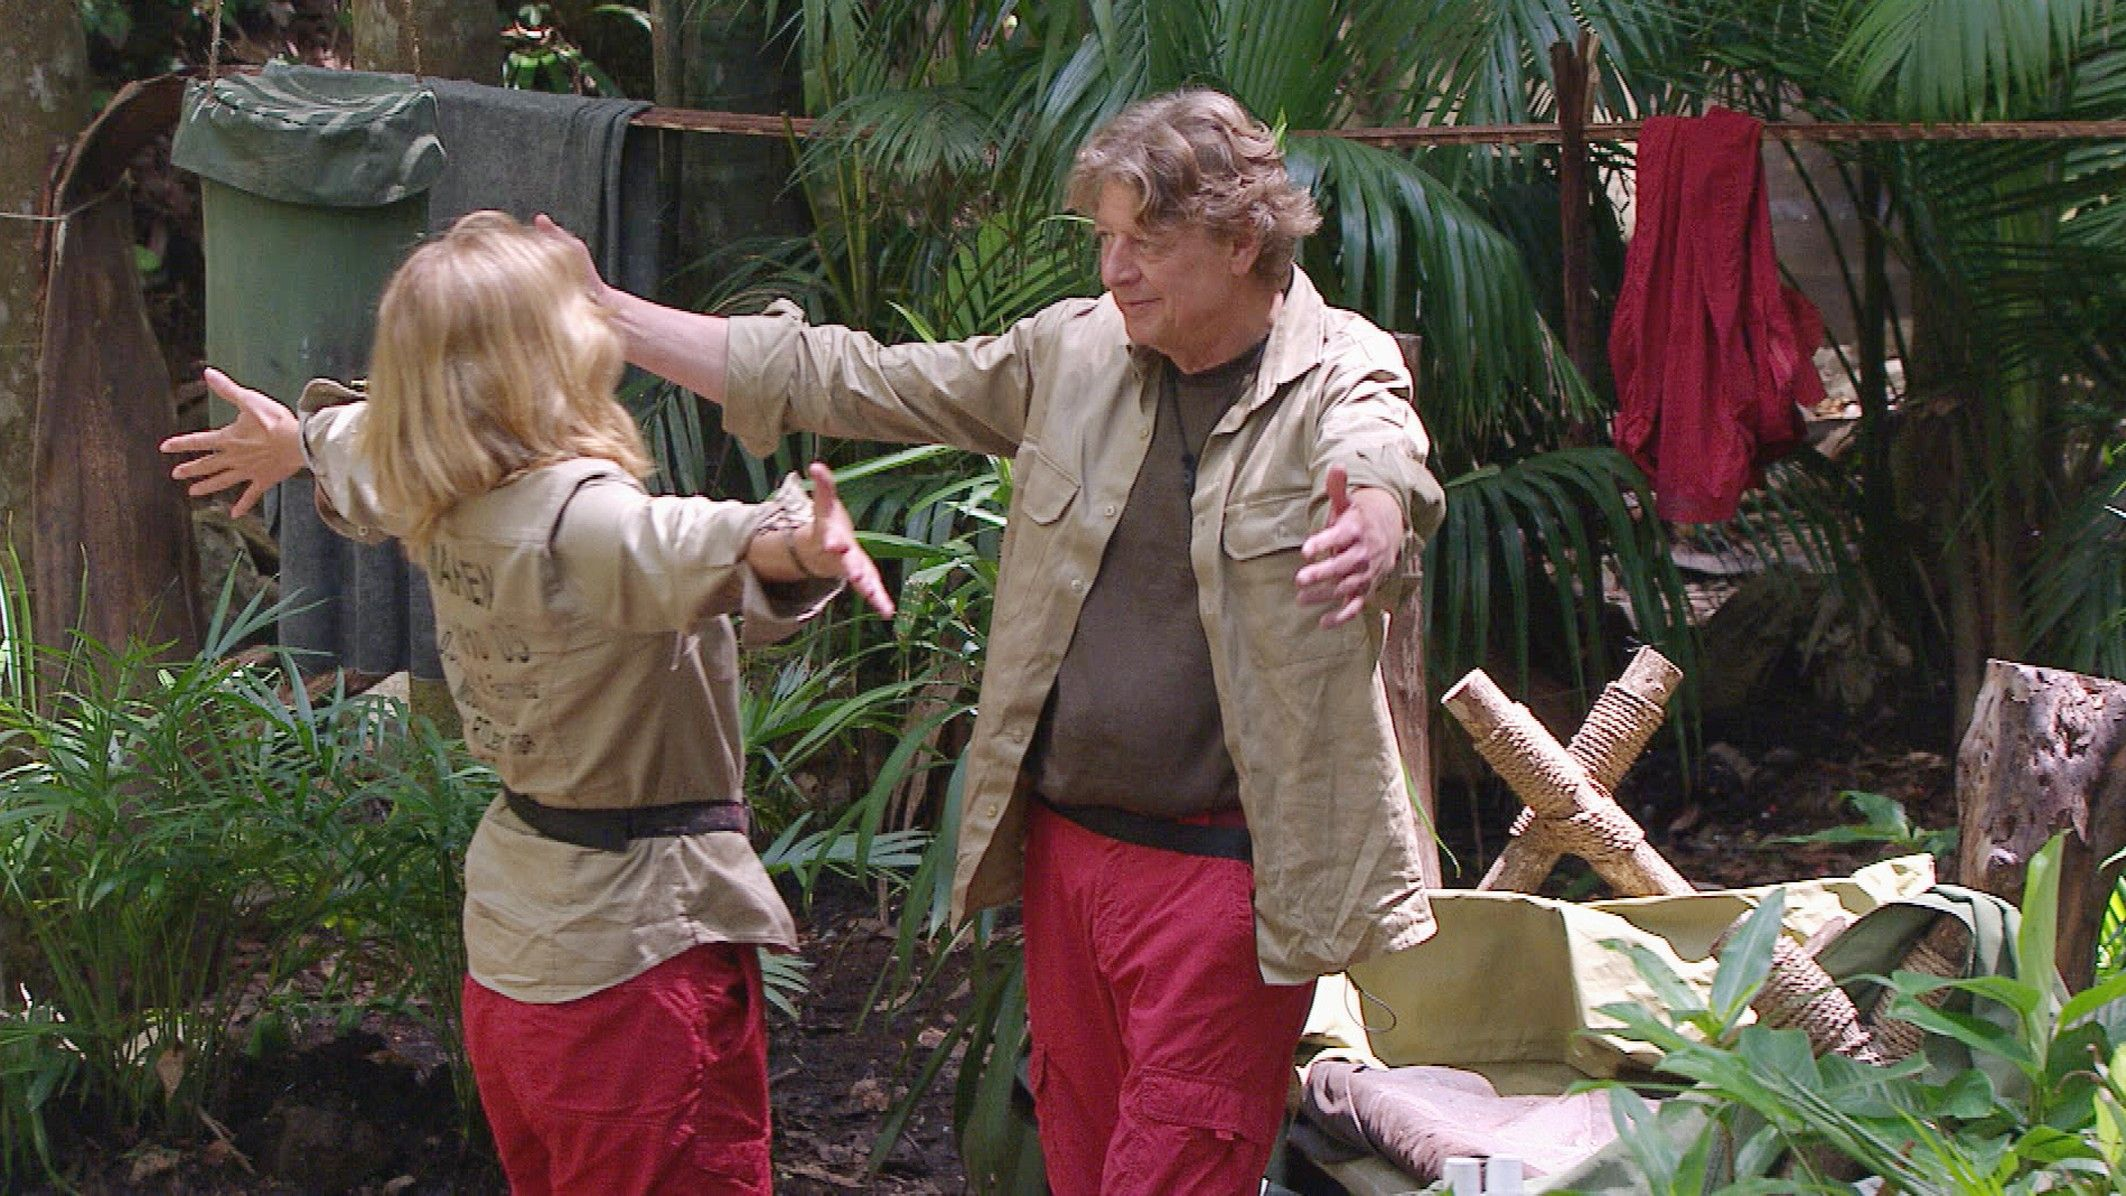 Dschungelcamp 2015 Tagebuch Tag 14 - Walter verabschiedet sich von Maren